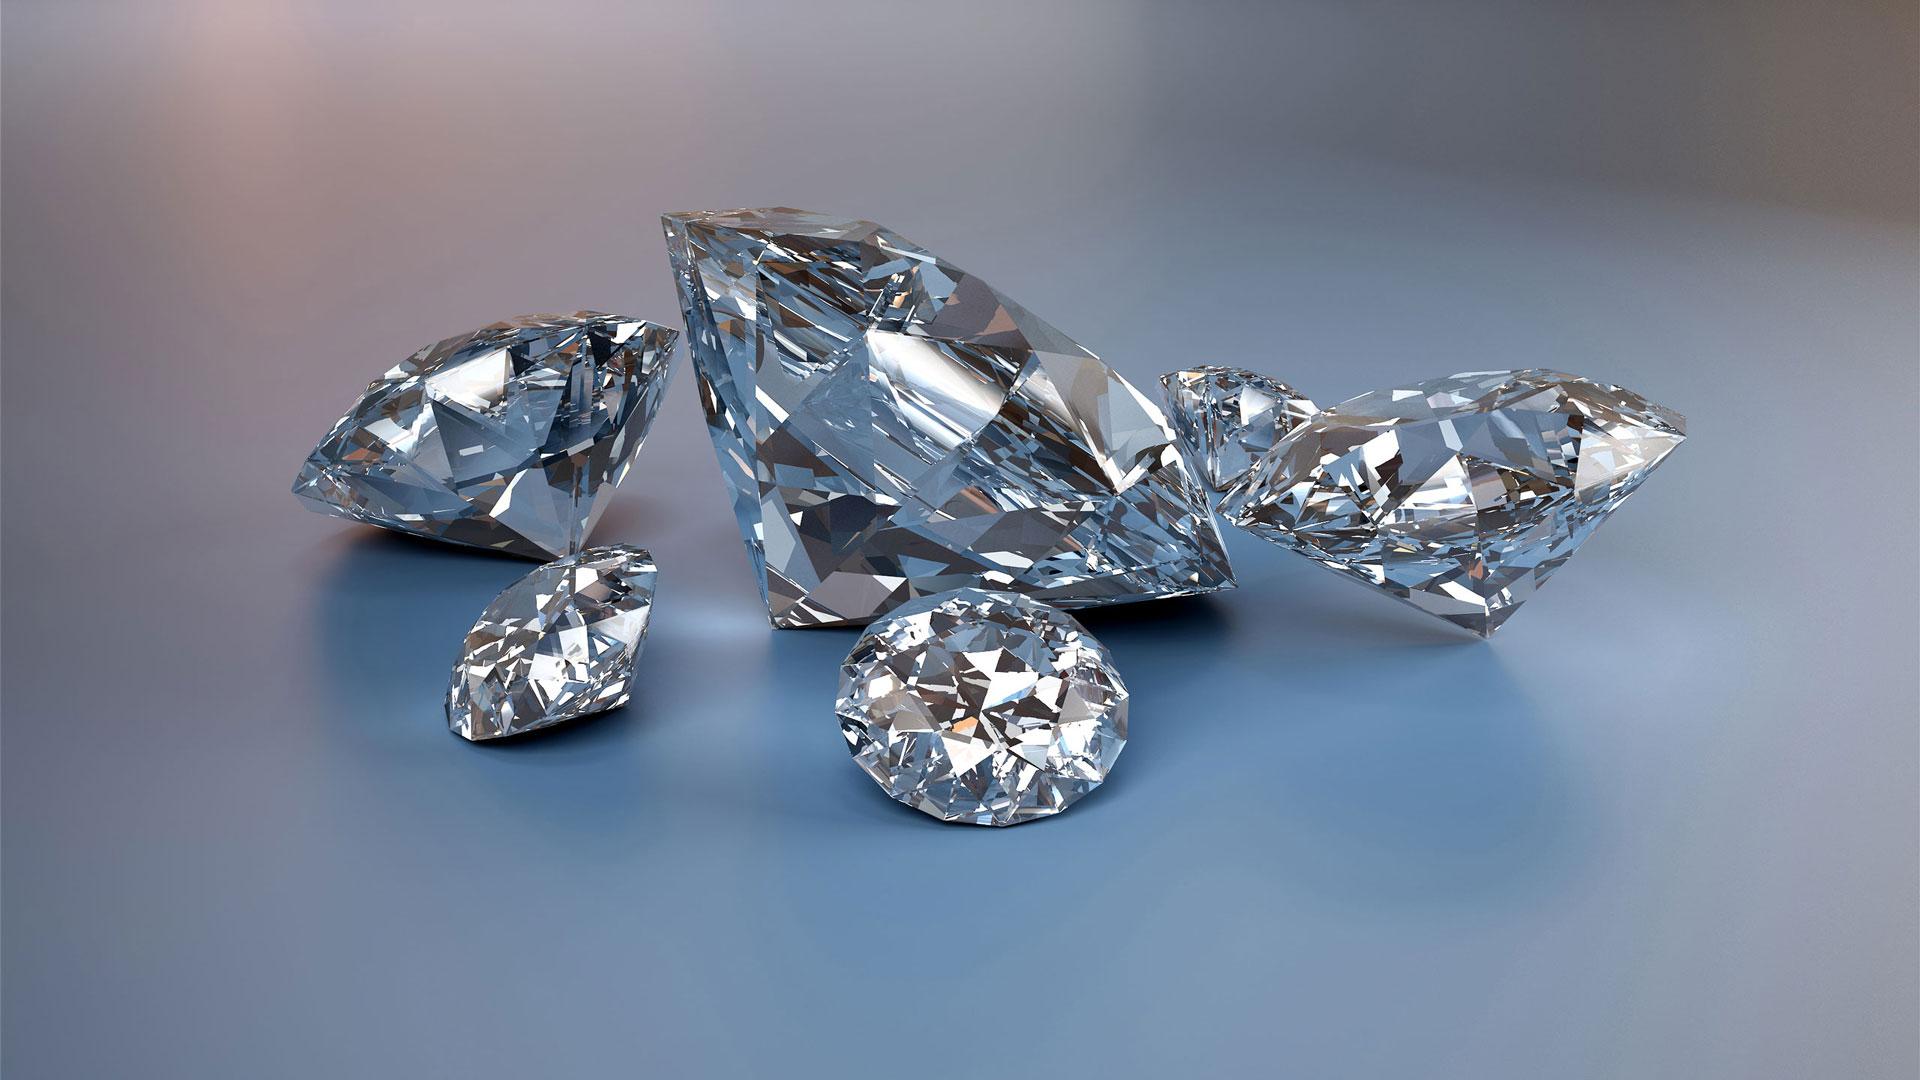 уменьшили, иконки обои на заказ фотопечать бриллианты в спб такое